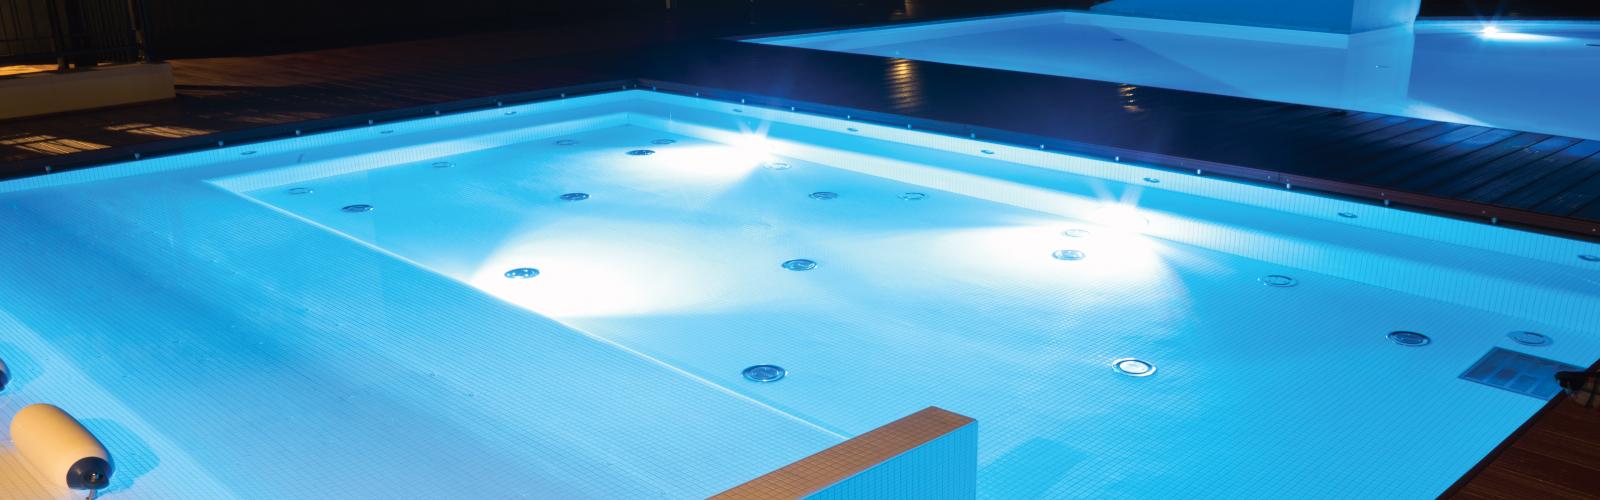 Foco led piscina rgb 18w 12v iluminaci n led hb for Foco piscina